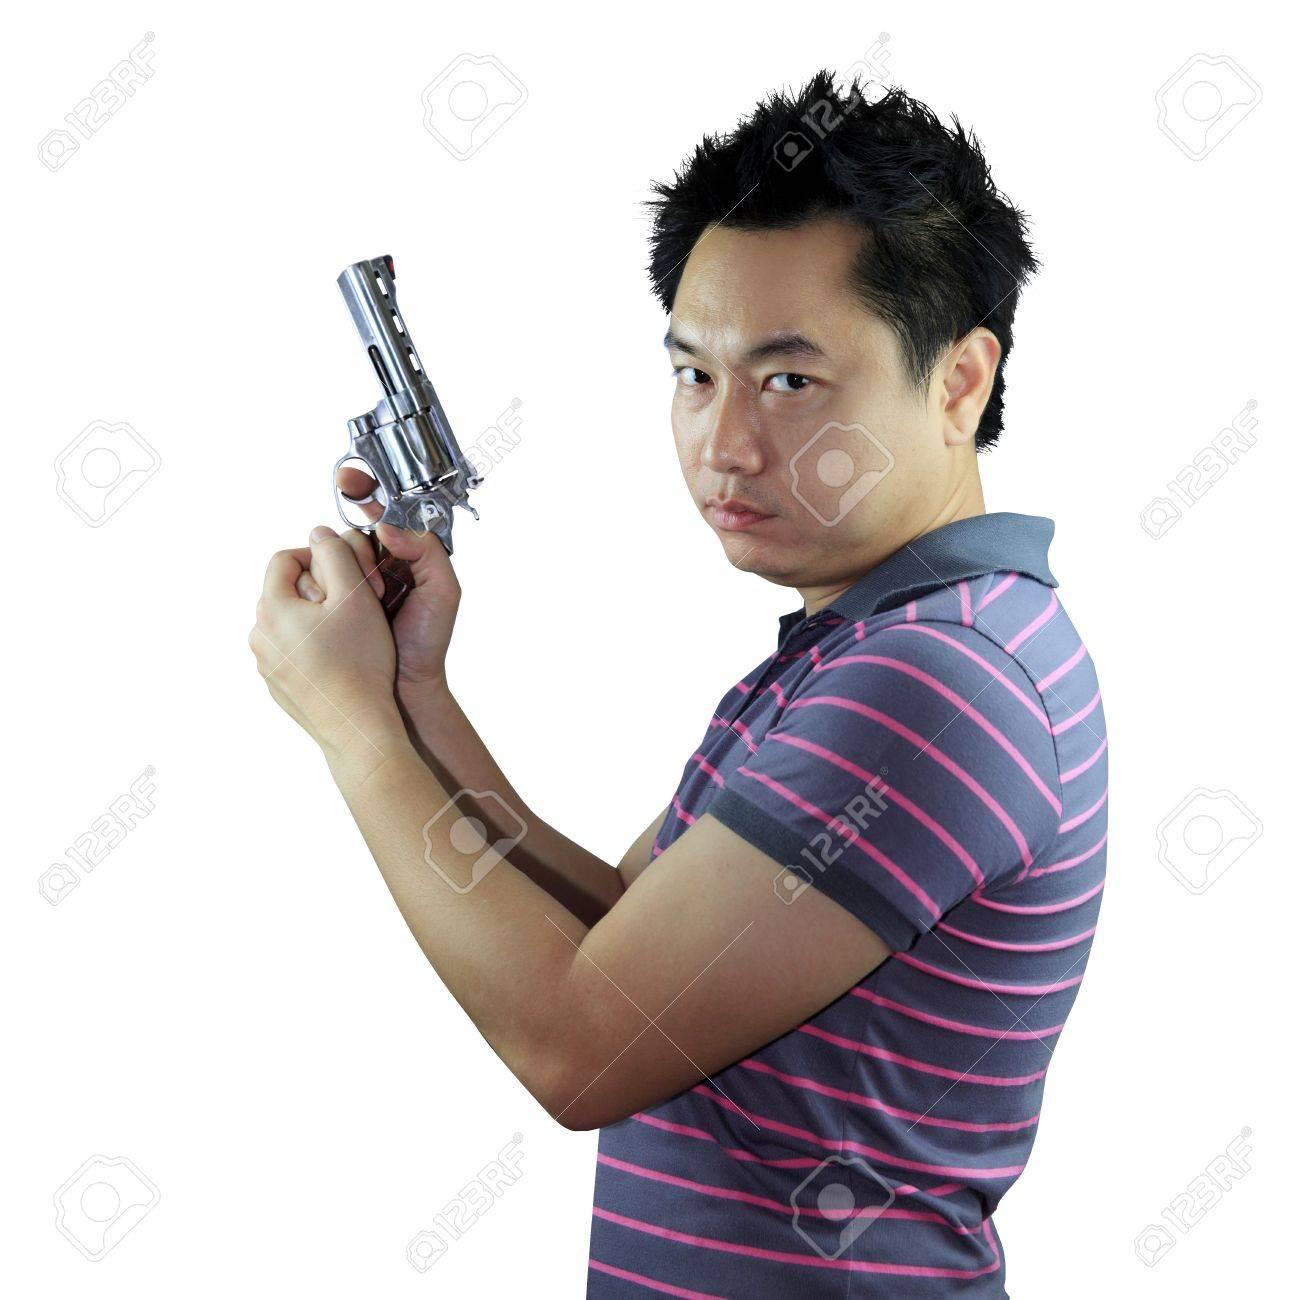 Man holding gun on white background Stock Photo - 17381281